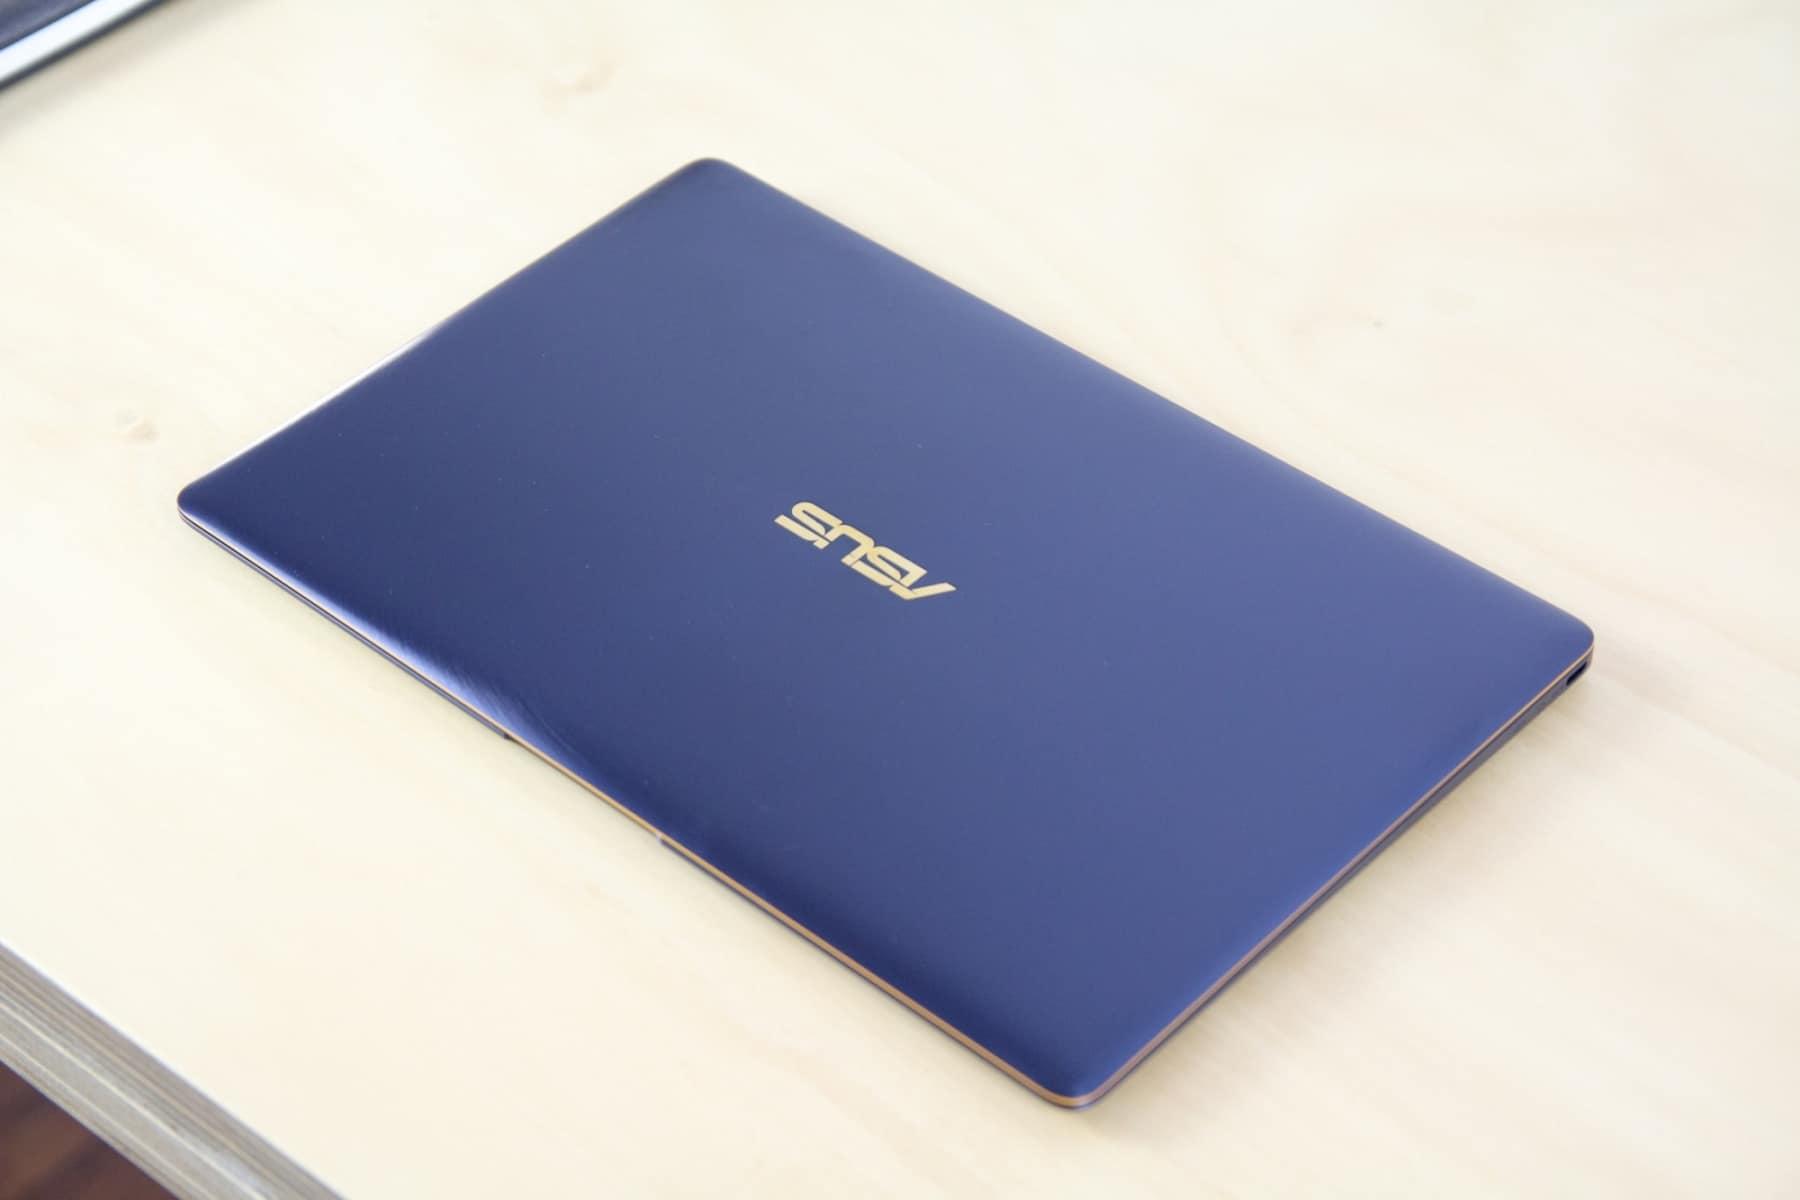 asus zenbook 3 blue flat outlook